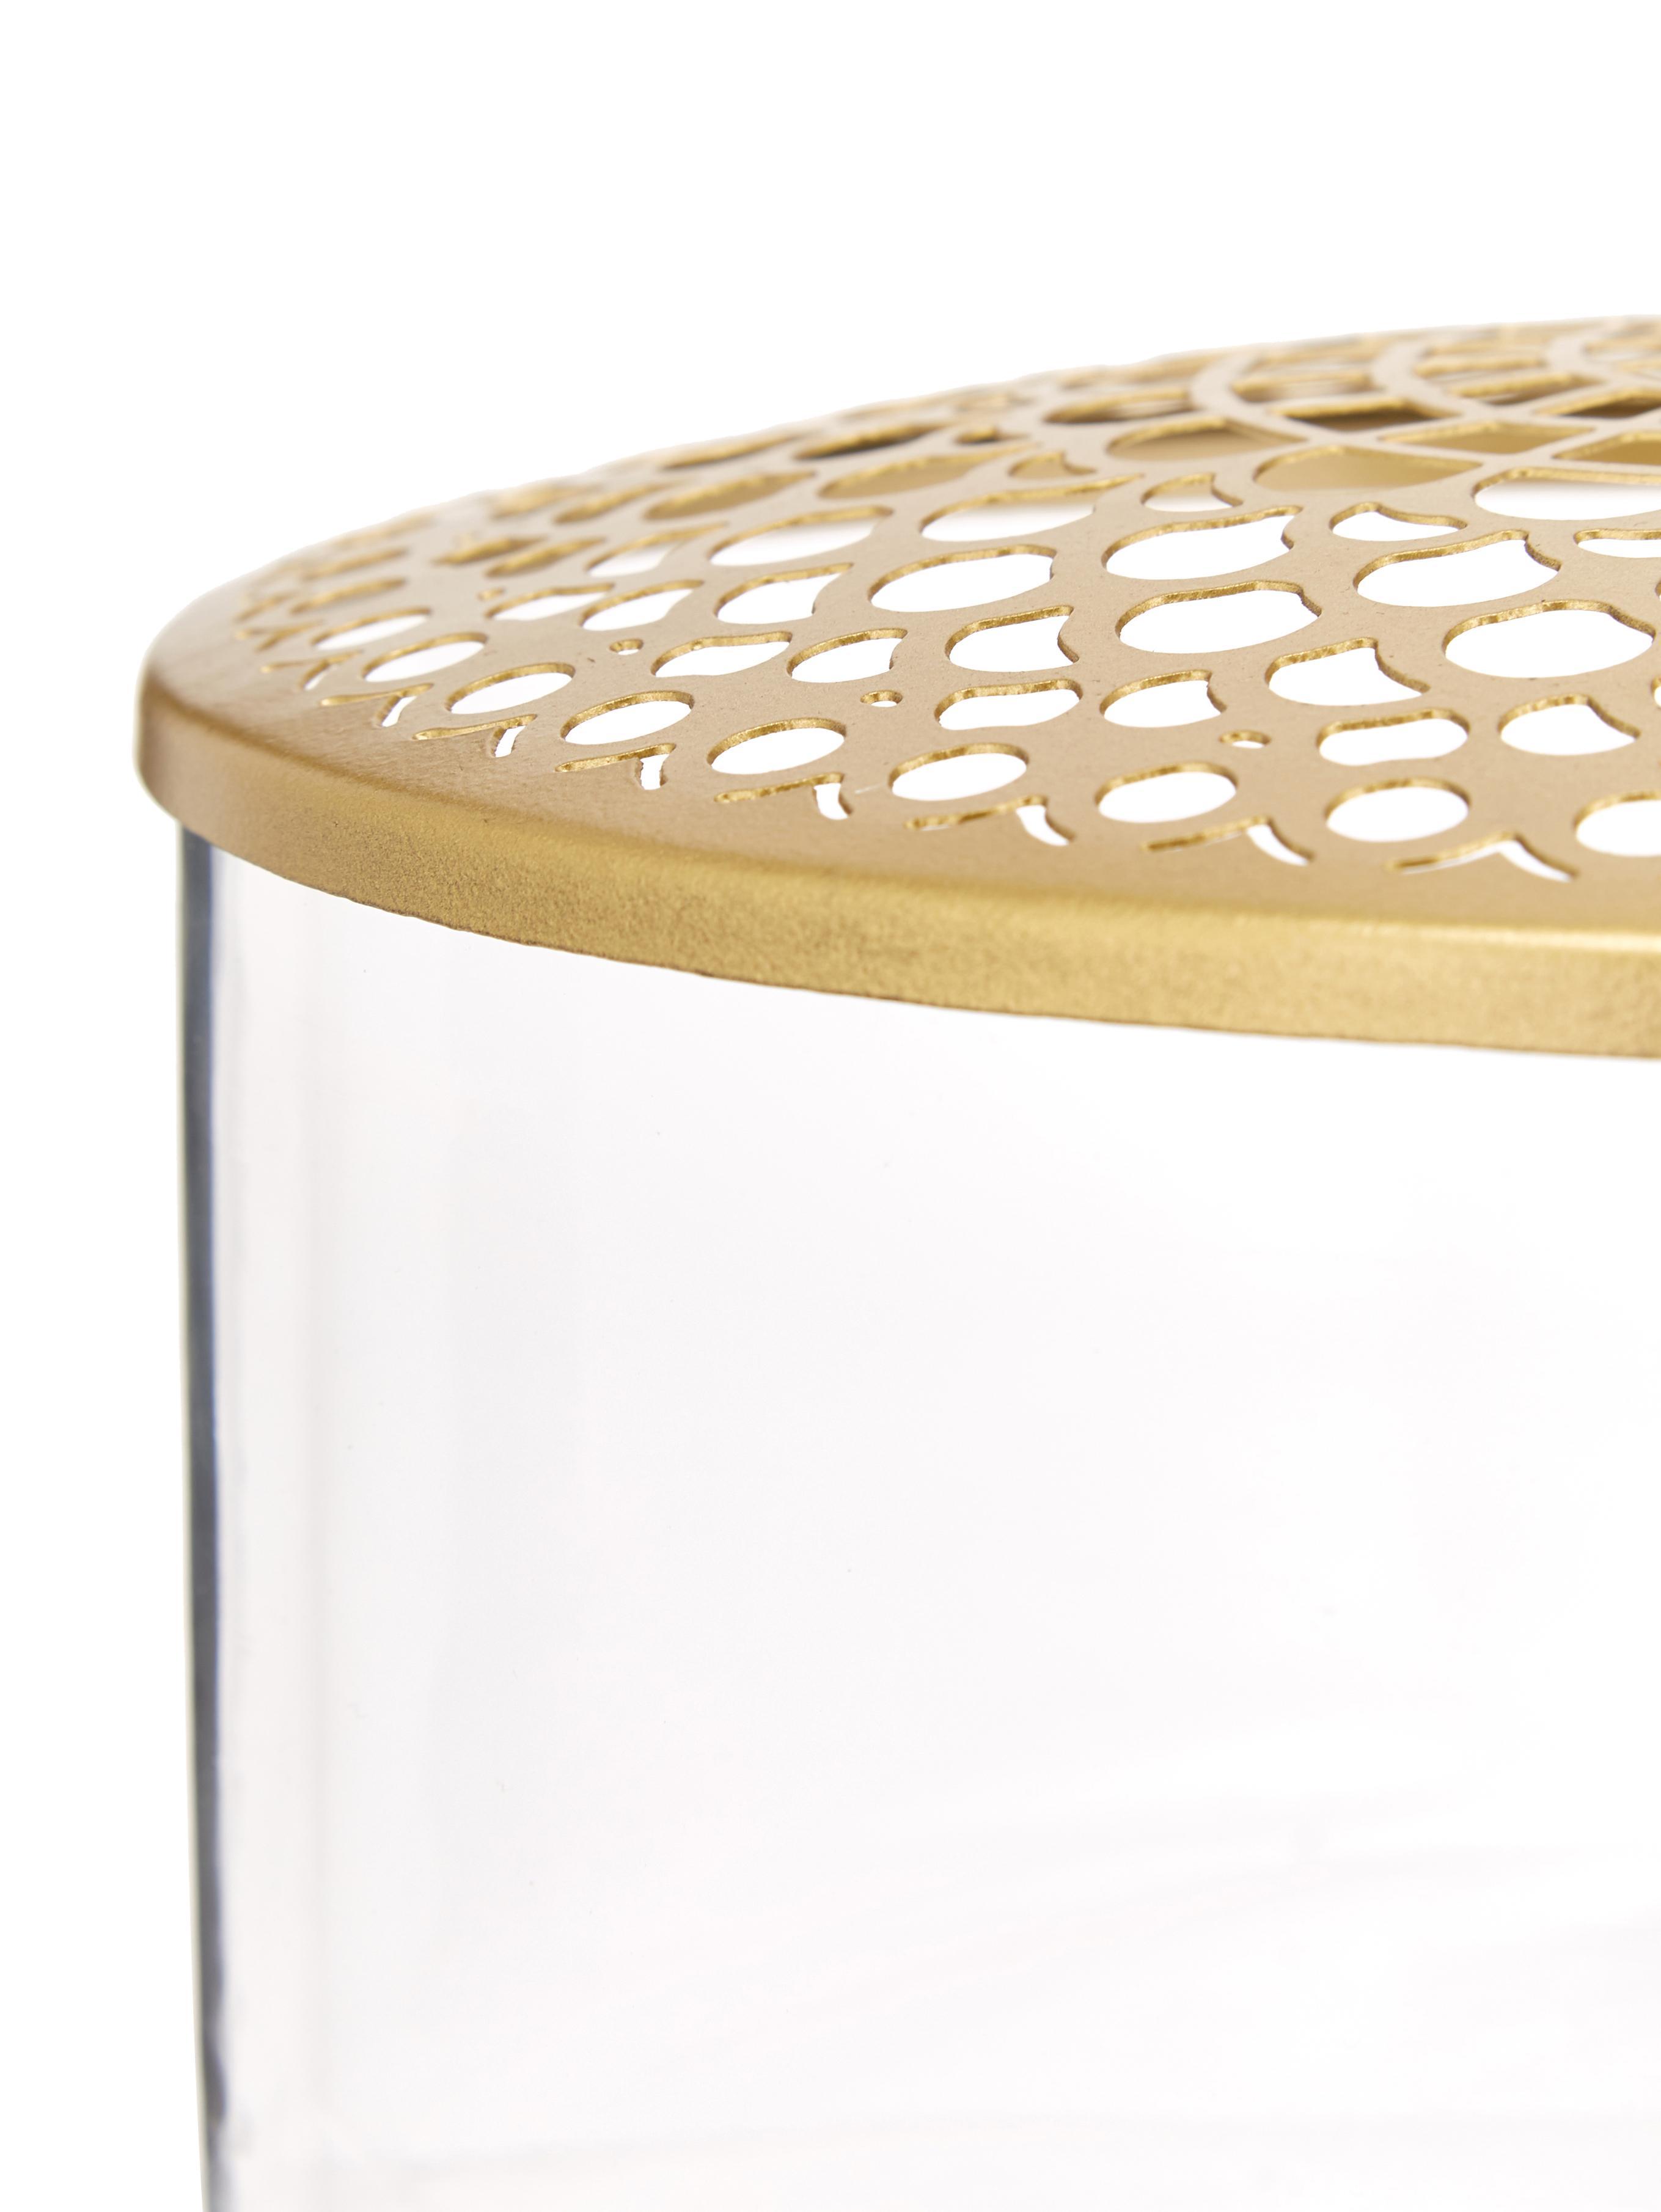 Kleine Glas-Vase Kassandra mit Metalldeckel, Vase: Glas, Deckel: Edelstahl, vermessingt, Vase: Transparent<br>Deckel: Messing, Ø 21 x H 10 cm